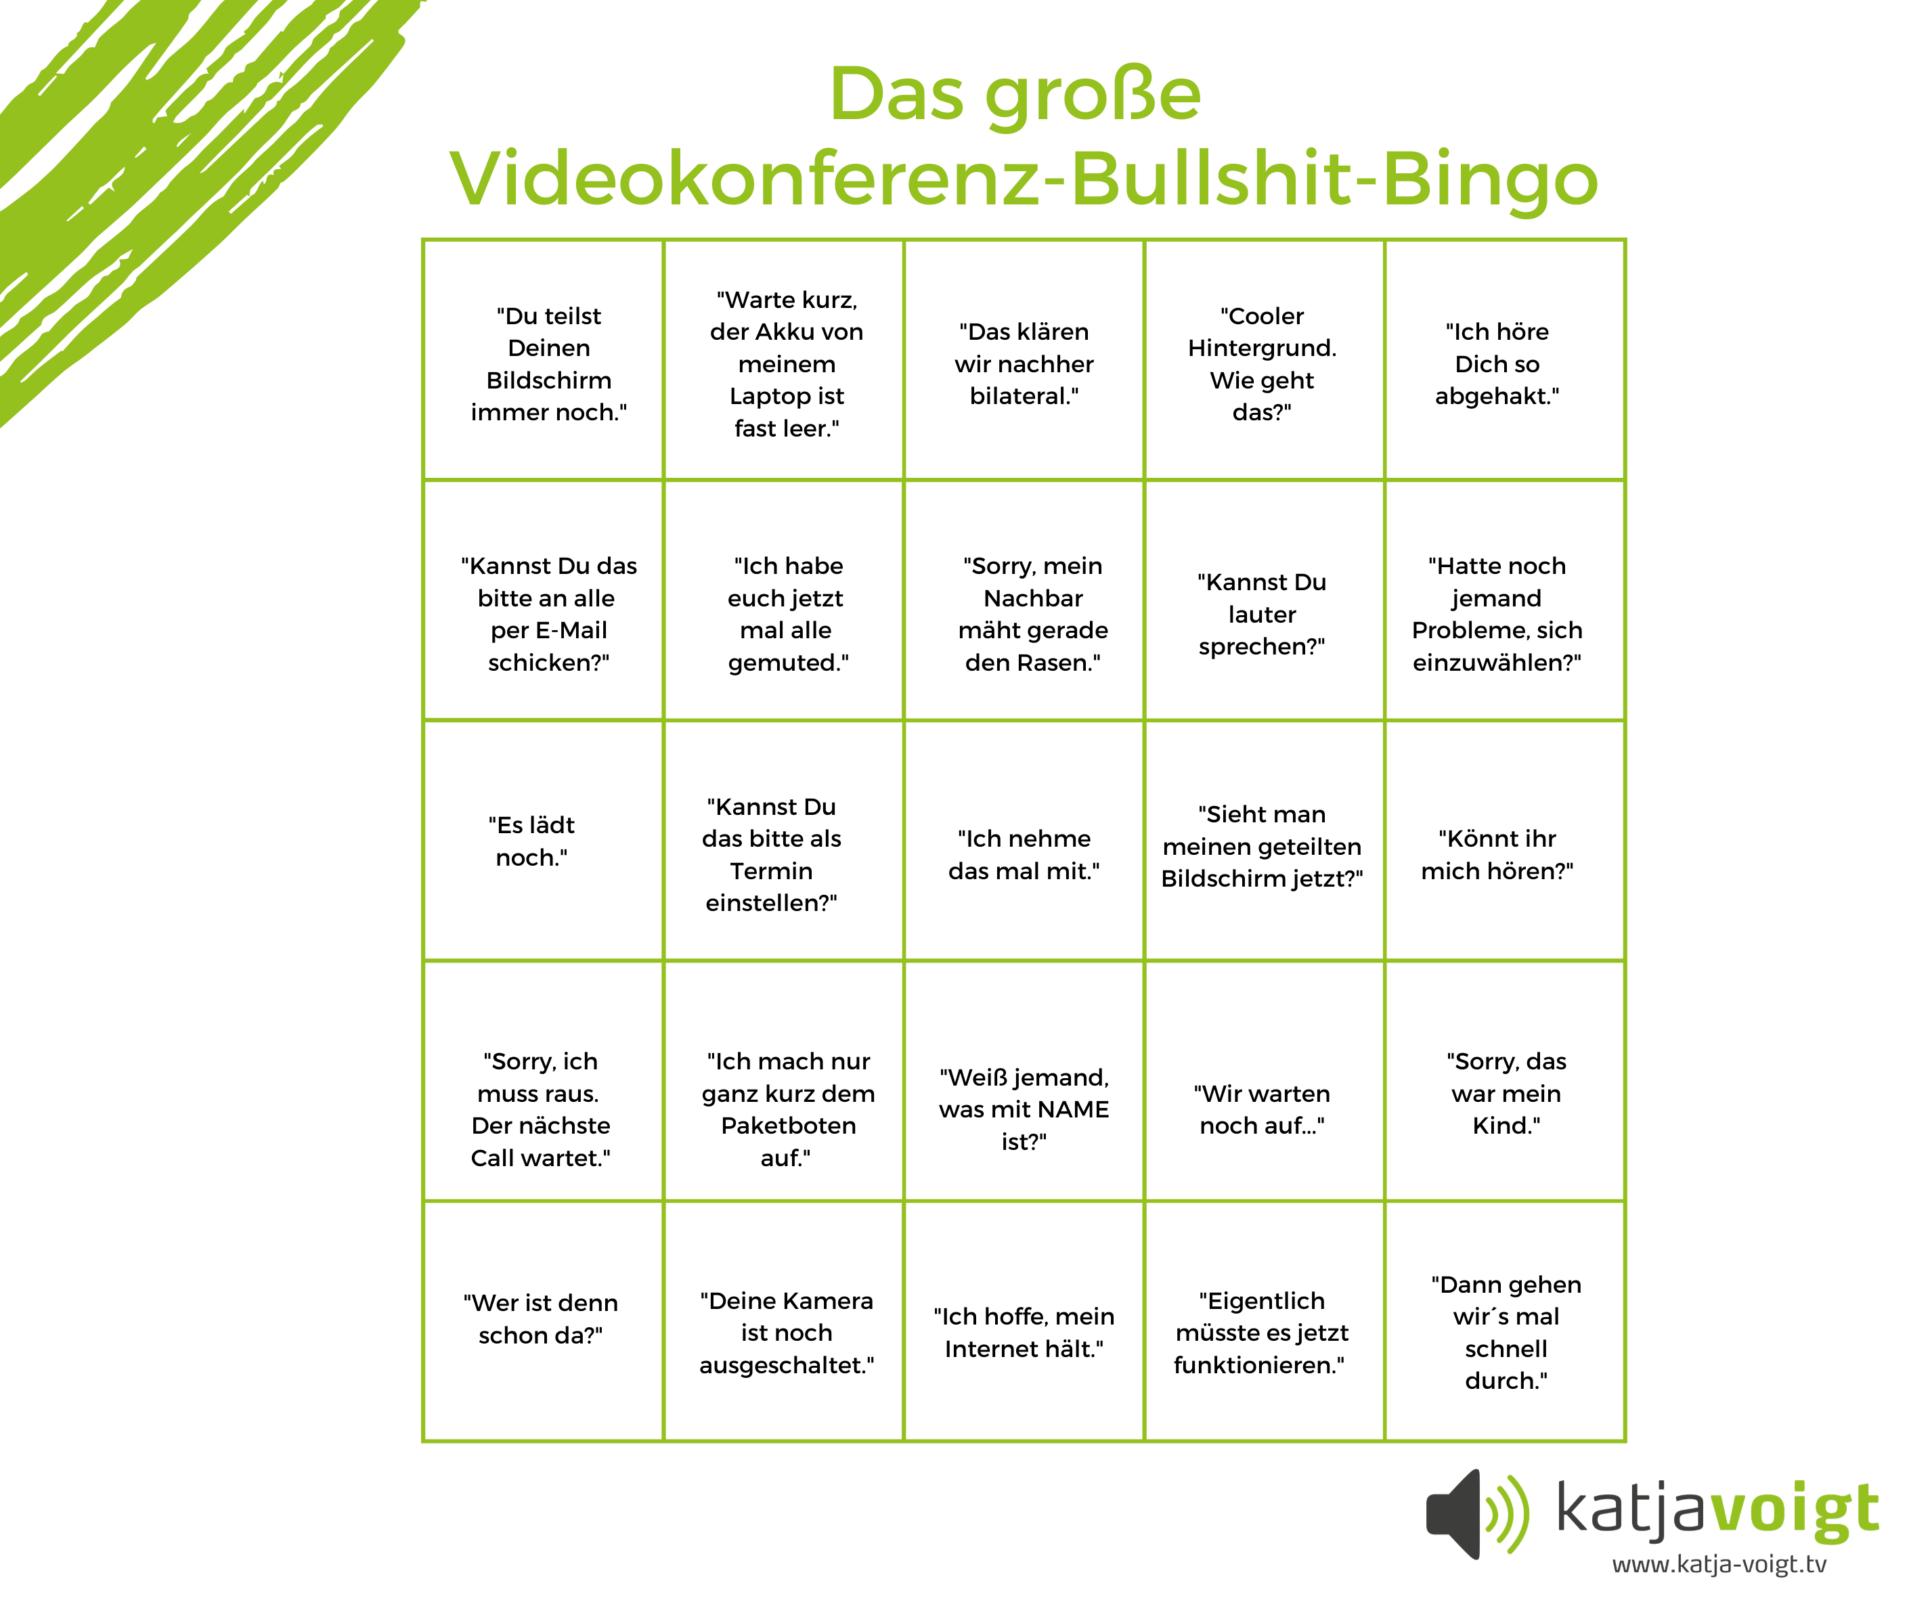 Videokonferenz-Bullshit-Bingo